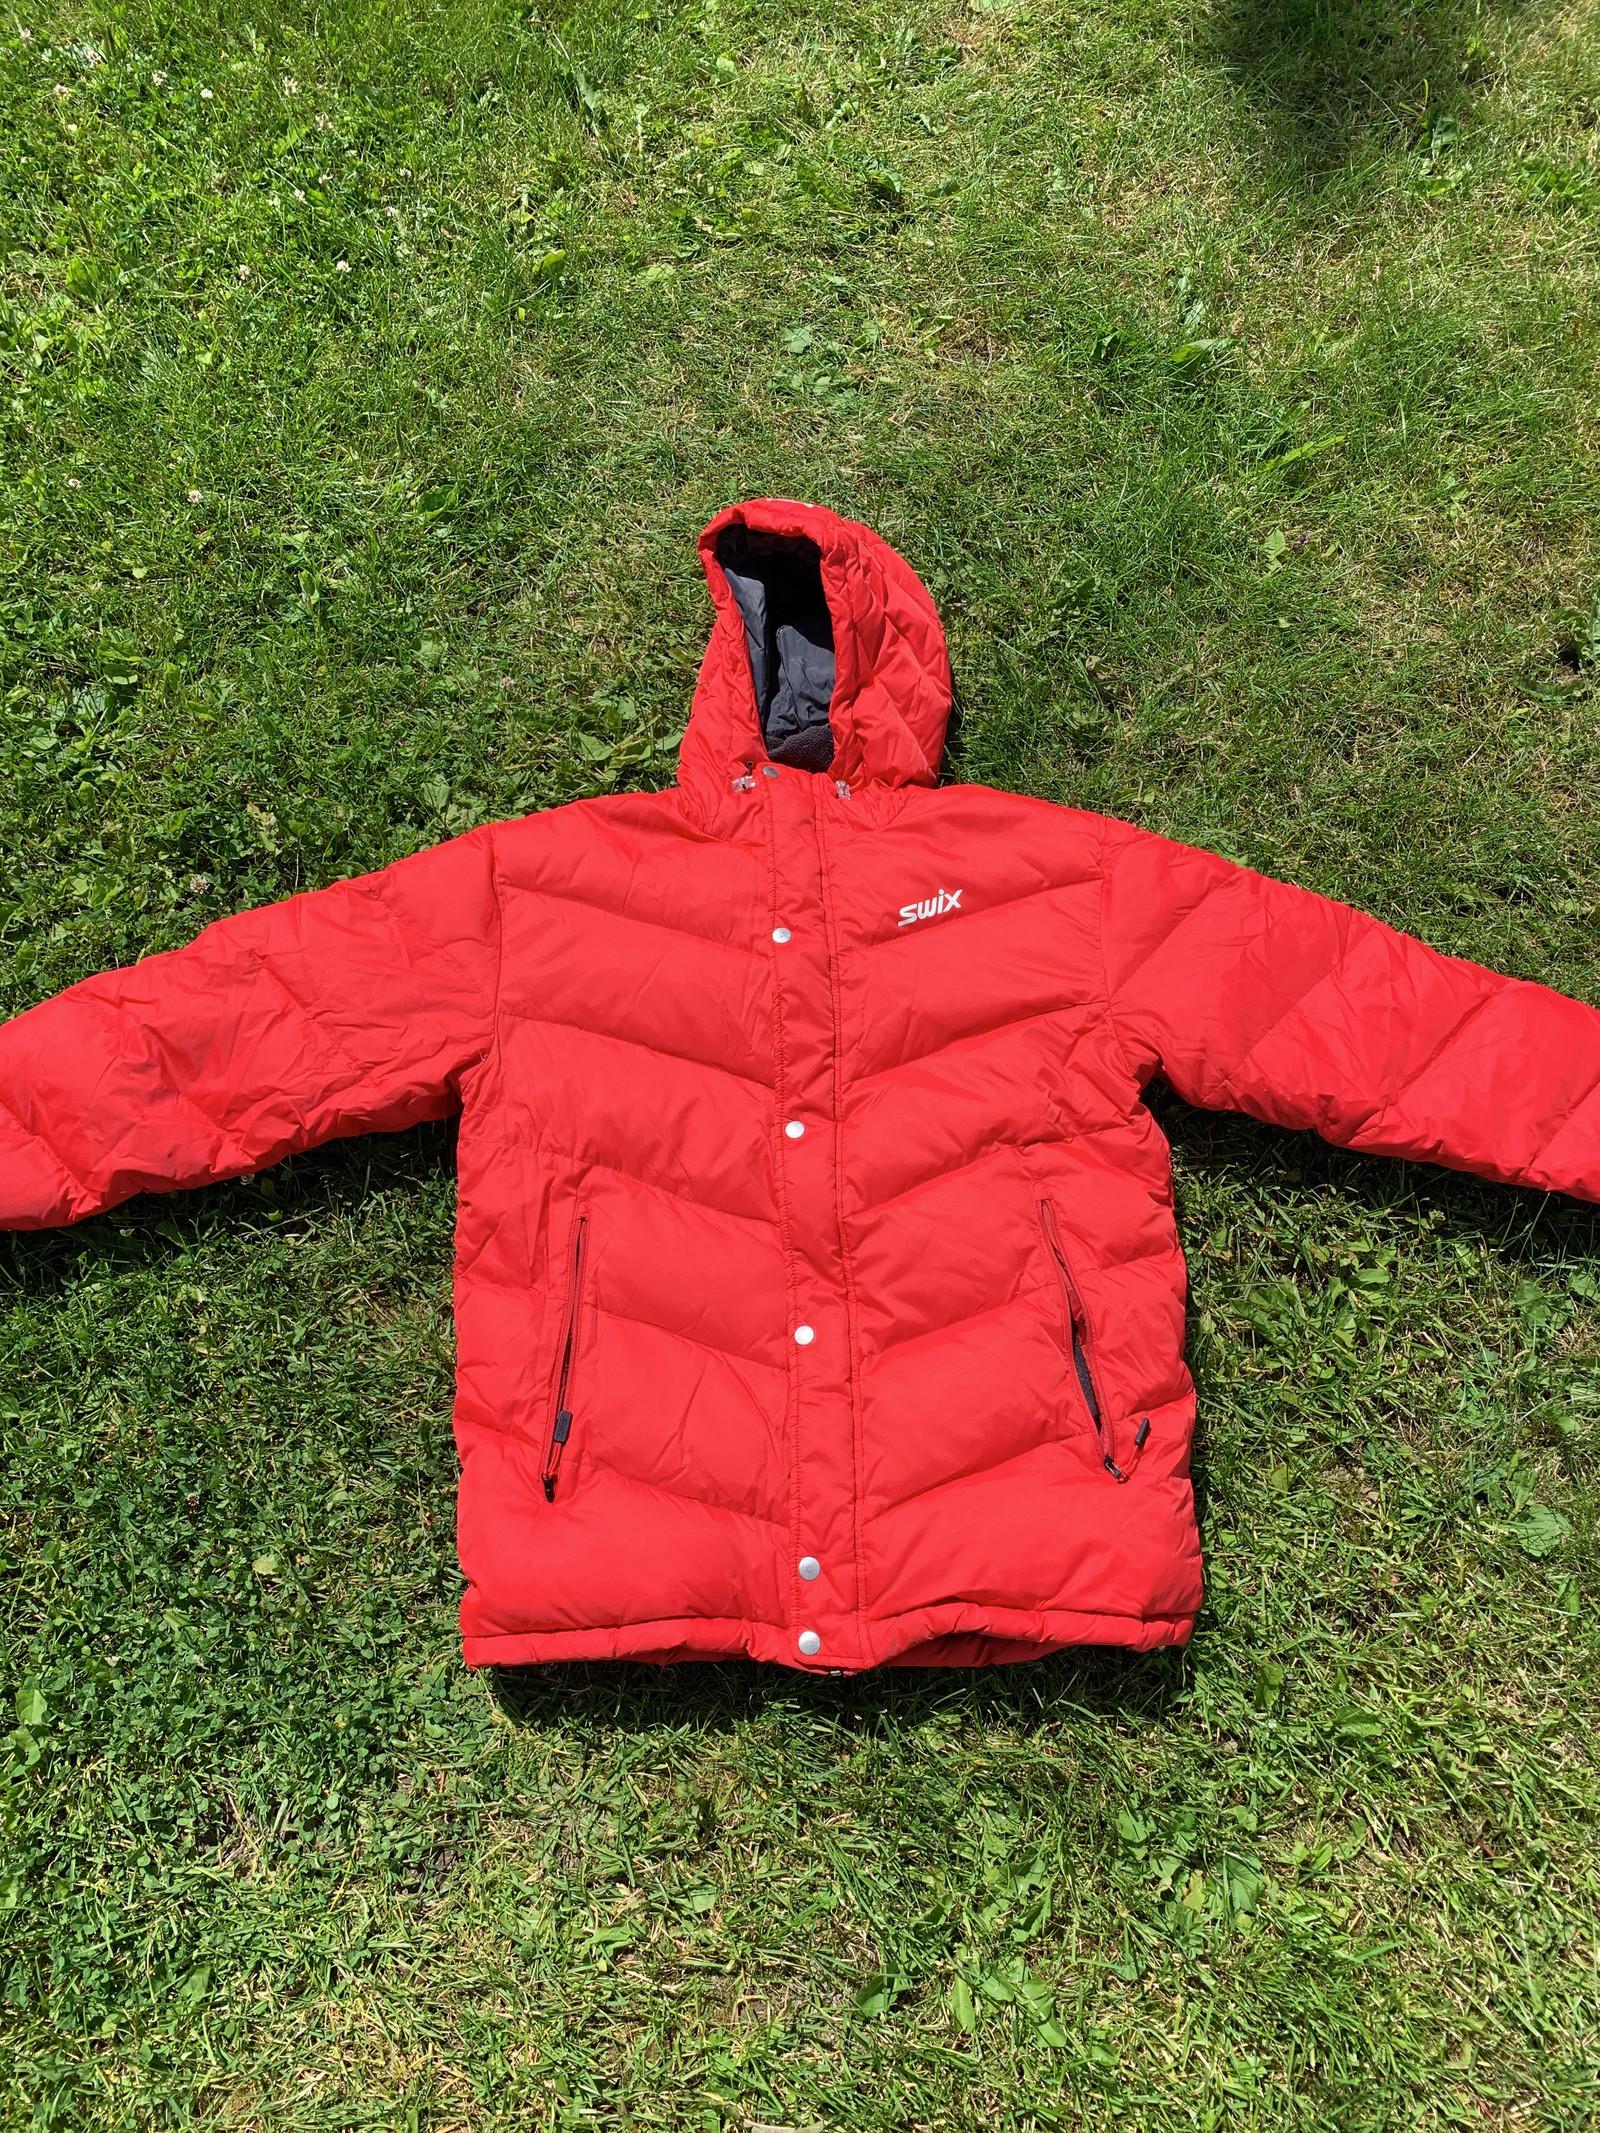 c85c898b Swix jakke rød | FINN.no